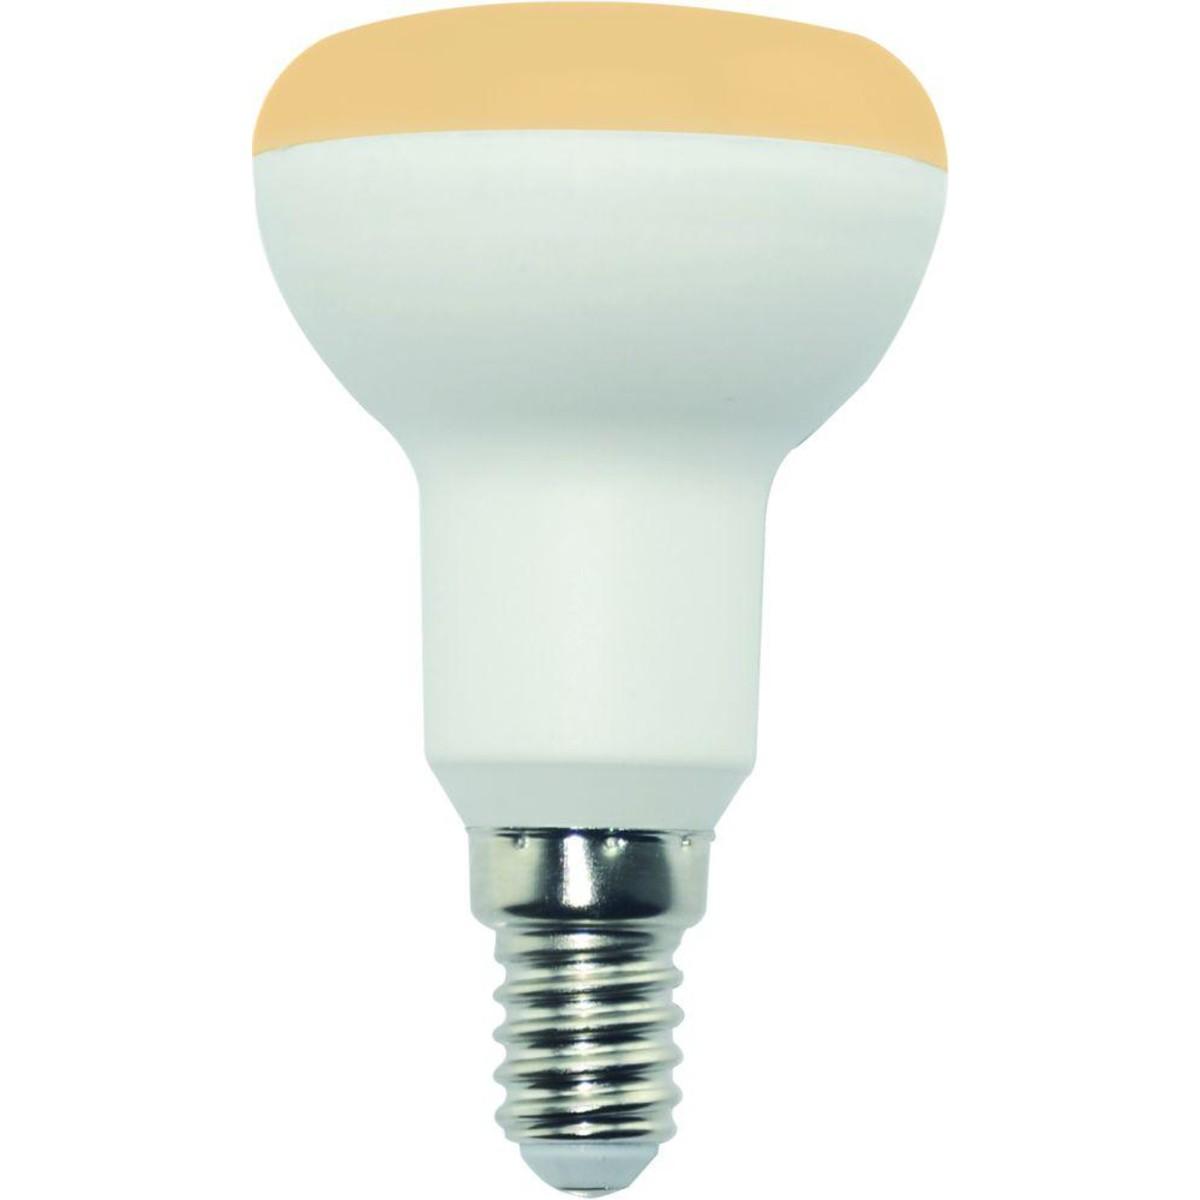 Лампа Ecola Premium светодионая E14 7 Вт рефлекторная 630 Лм теплый свет